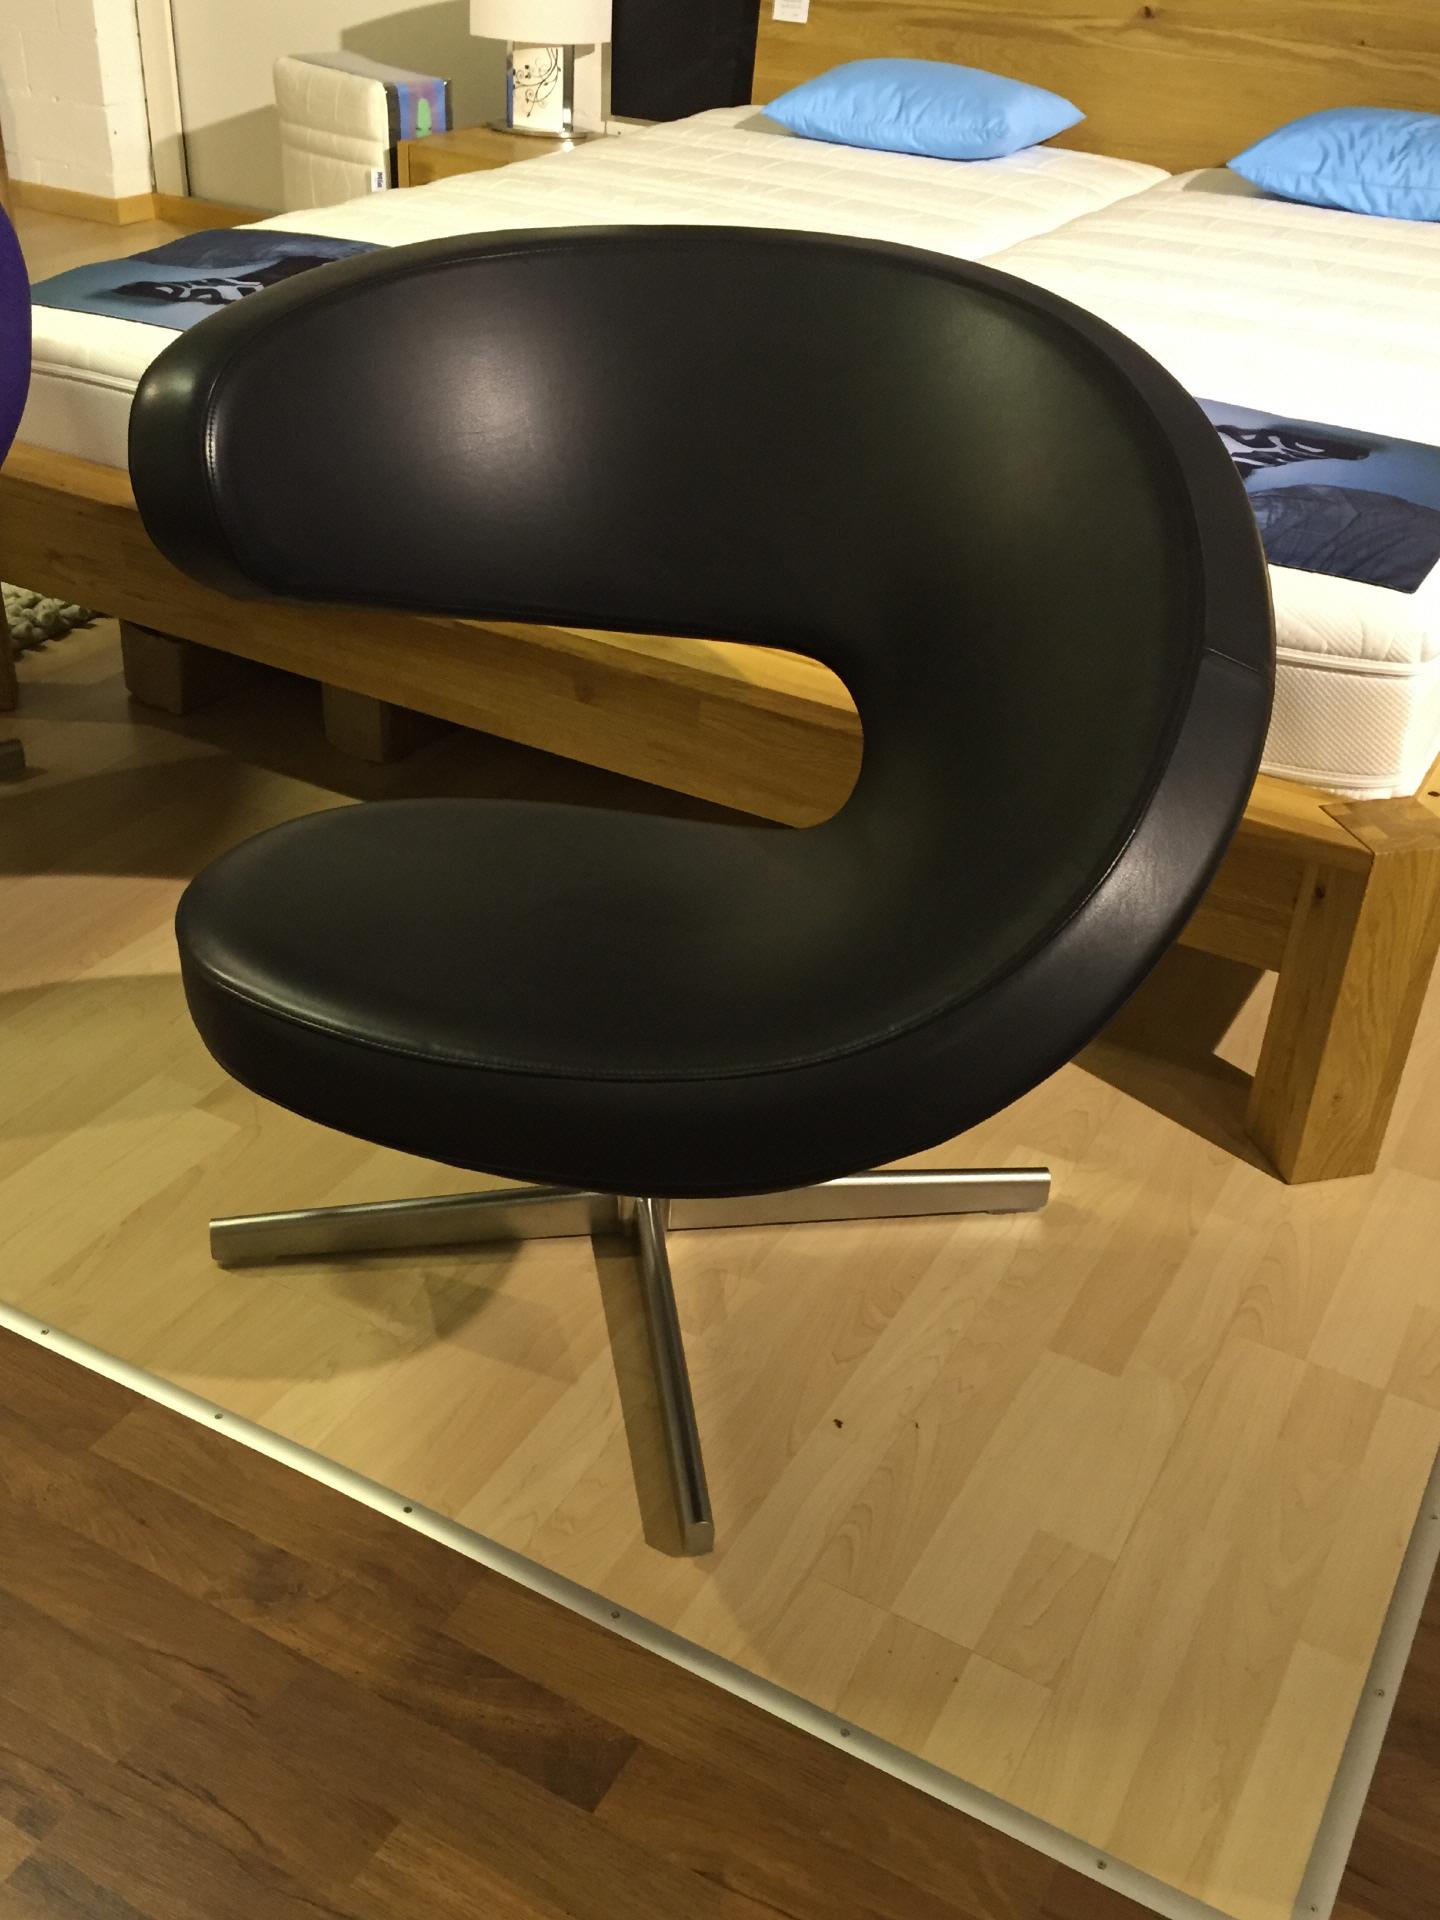 abverkaufm bel reichmuth wohn ag mit m belcenter und. Black Bedroom Furniture Sets. Home Design Ideas